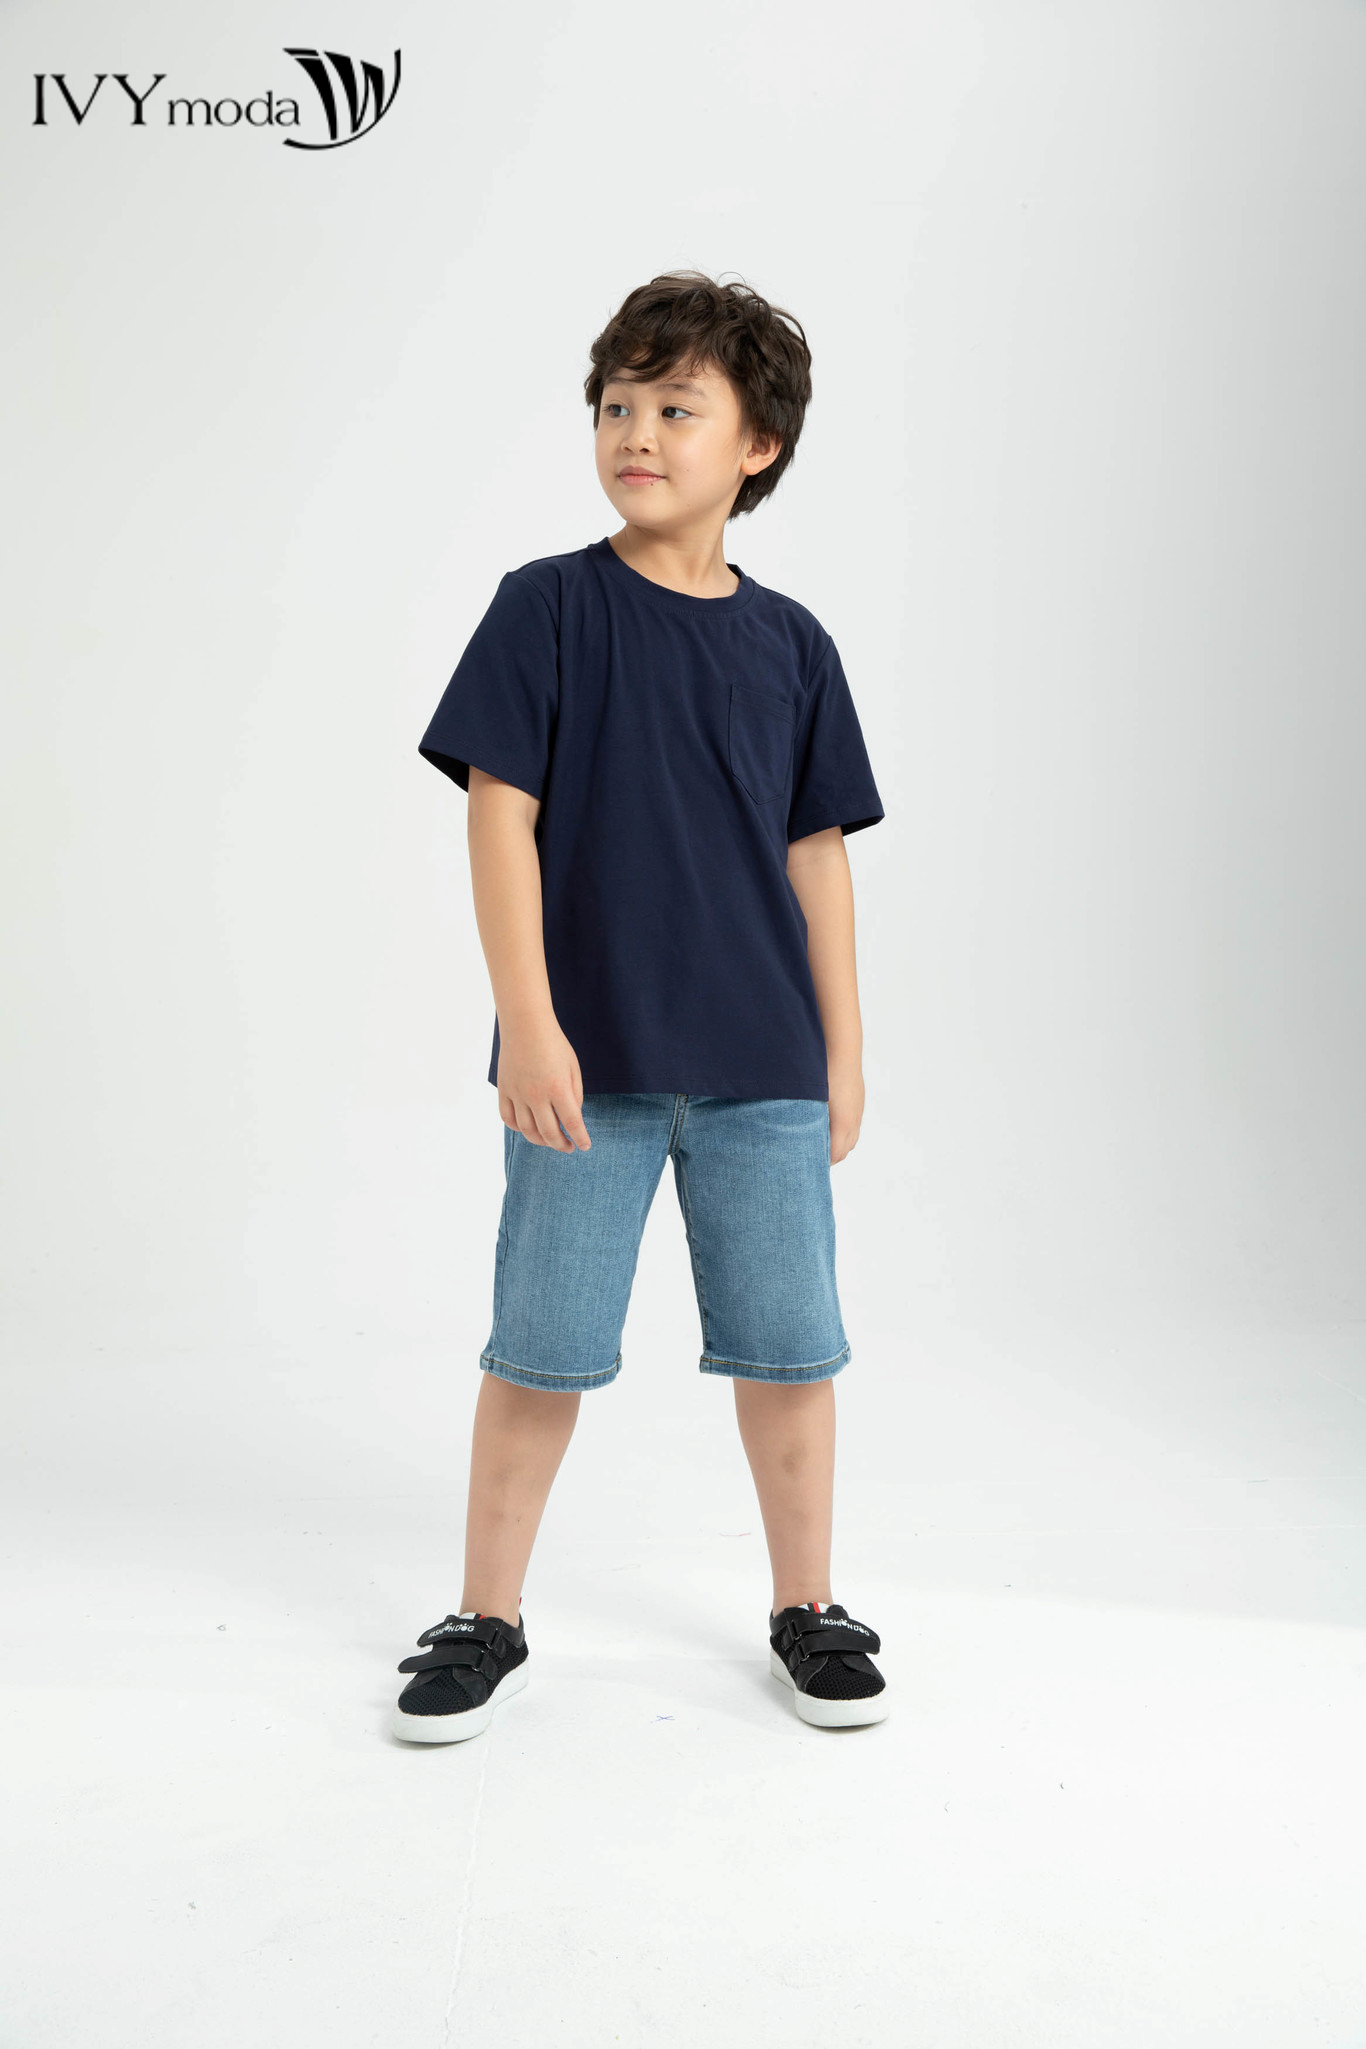 Áo thun bé trai cổ tròn trang trí túi vuông trước ngực IVY moda MS 57K1250